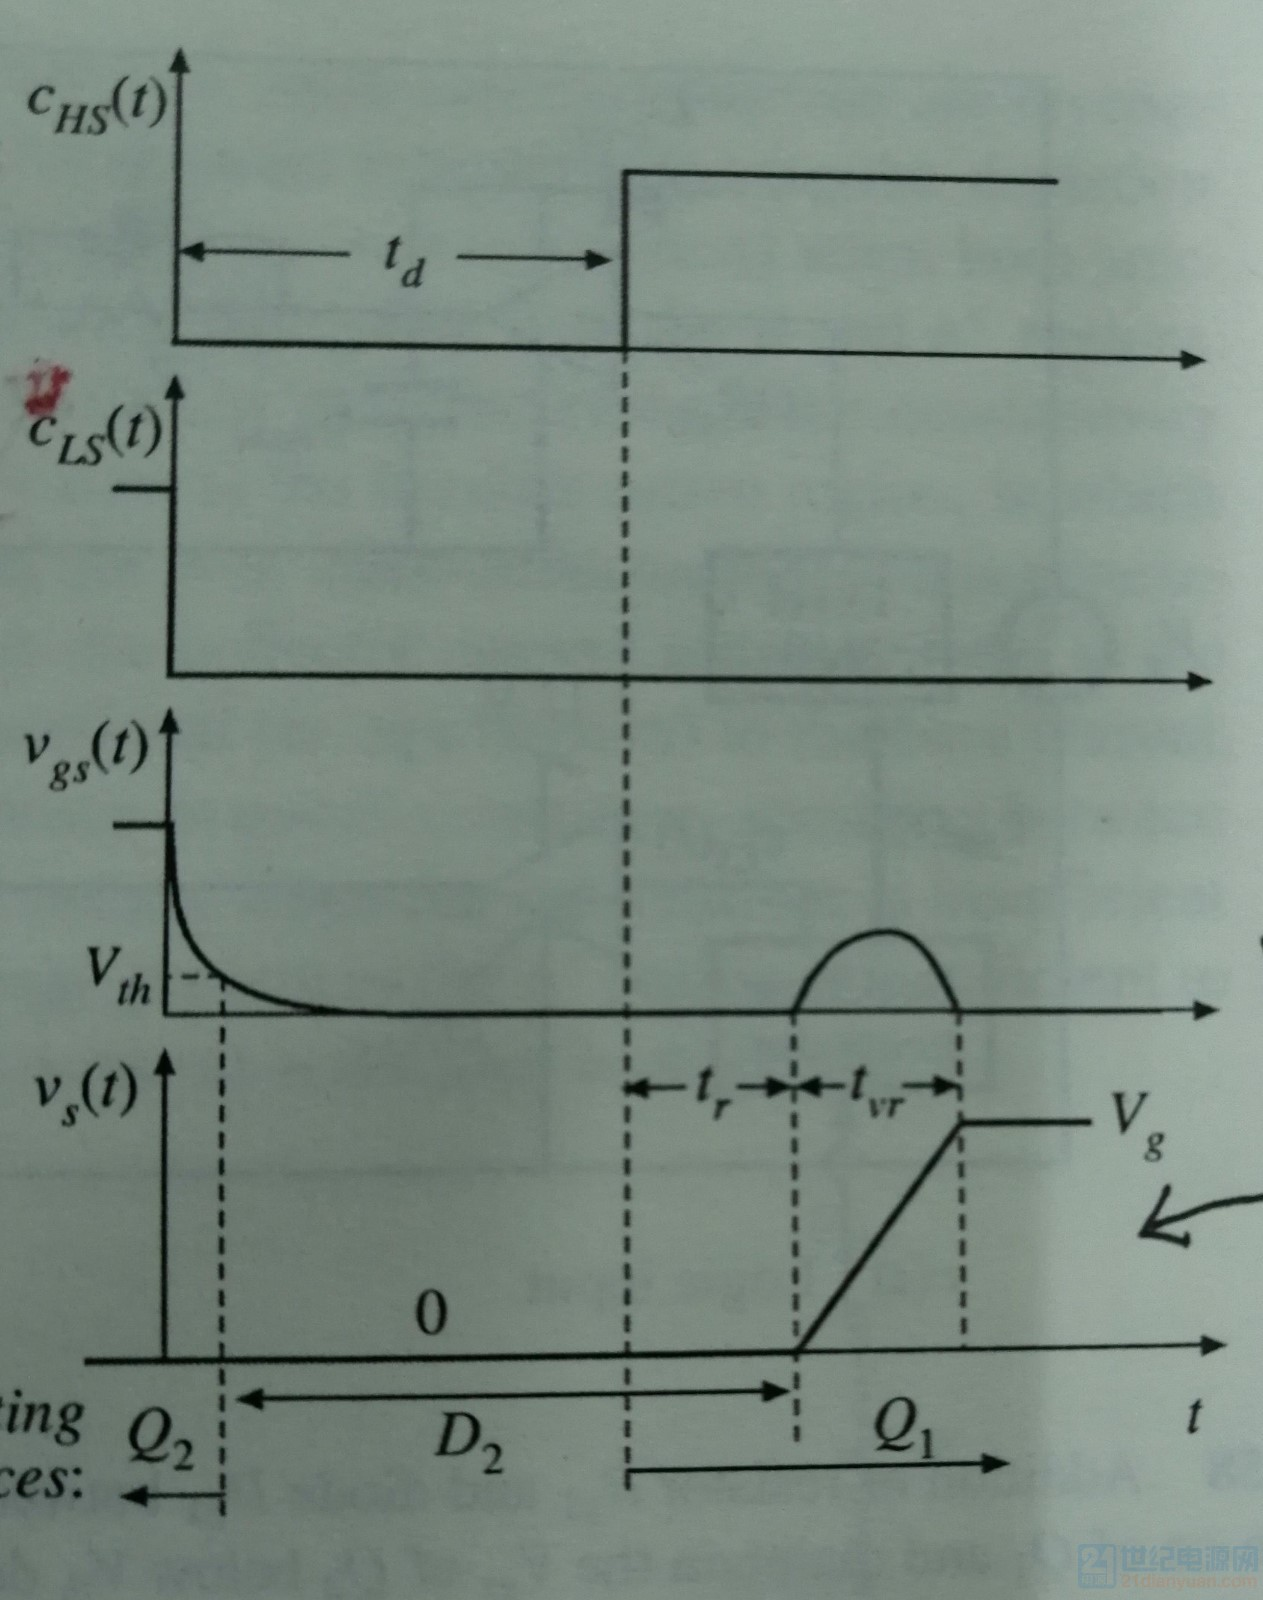 热点对驱动信号影响的波形图